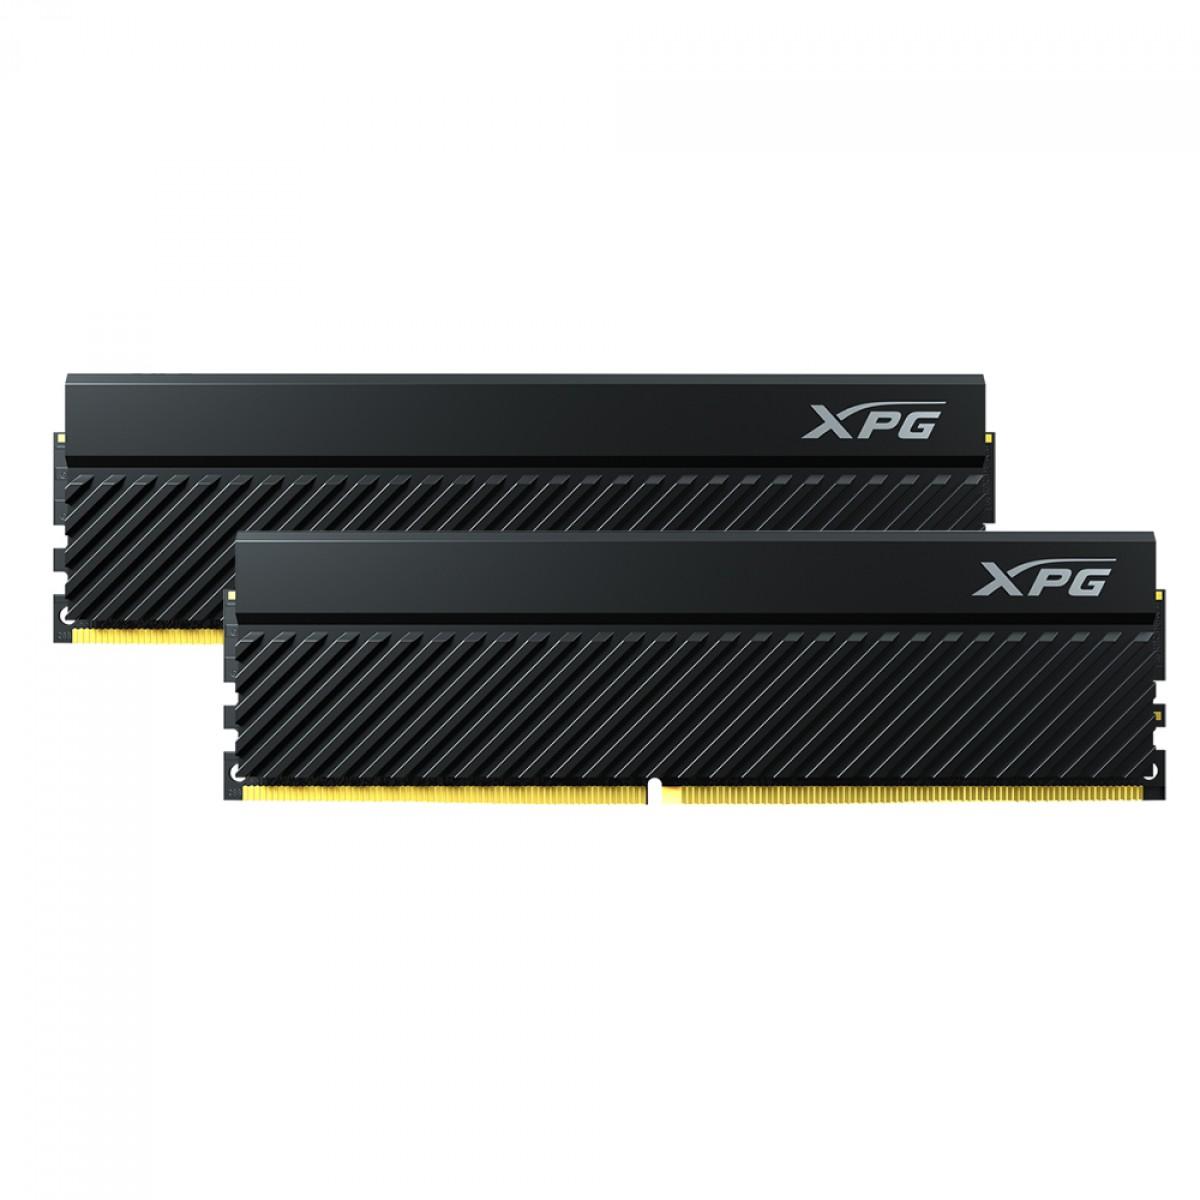 Memória DDR4 XPG Gammix D45, 32GB (2x16GB), 3200MHz, Black, AX4U320016G16A-DCBKD45